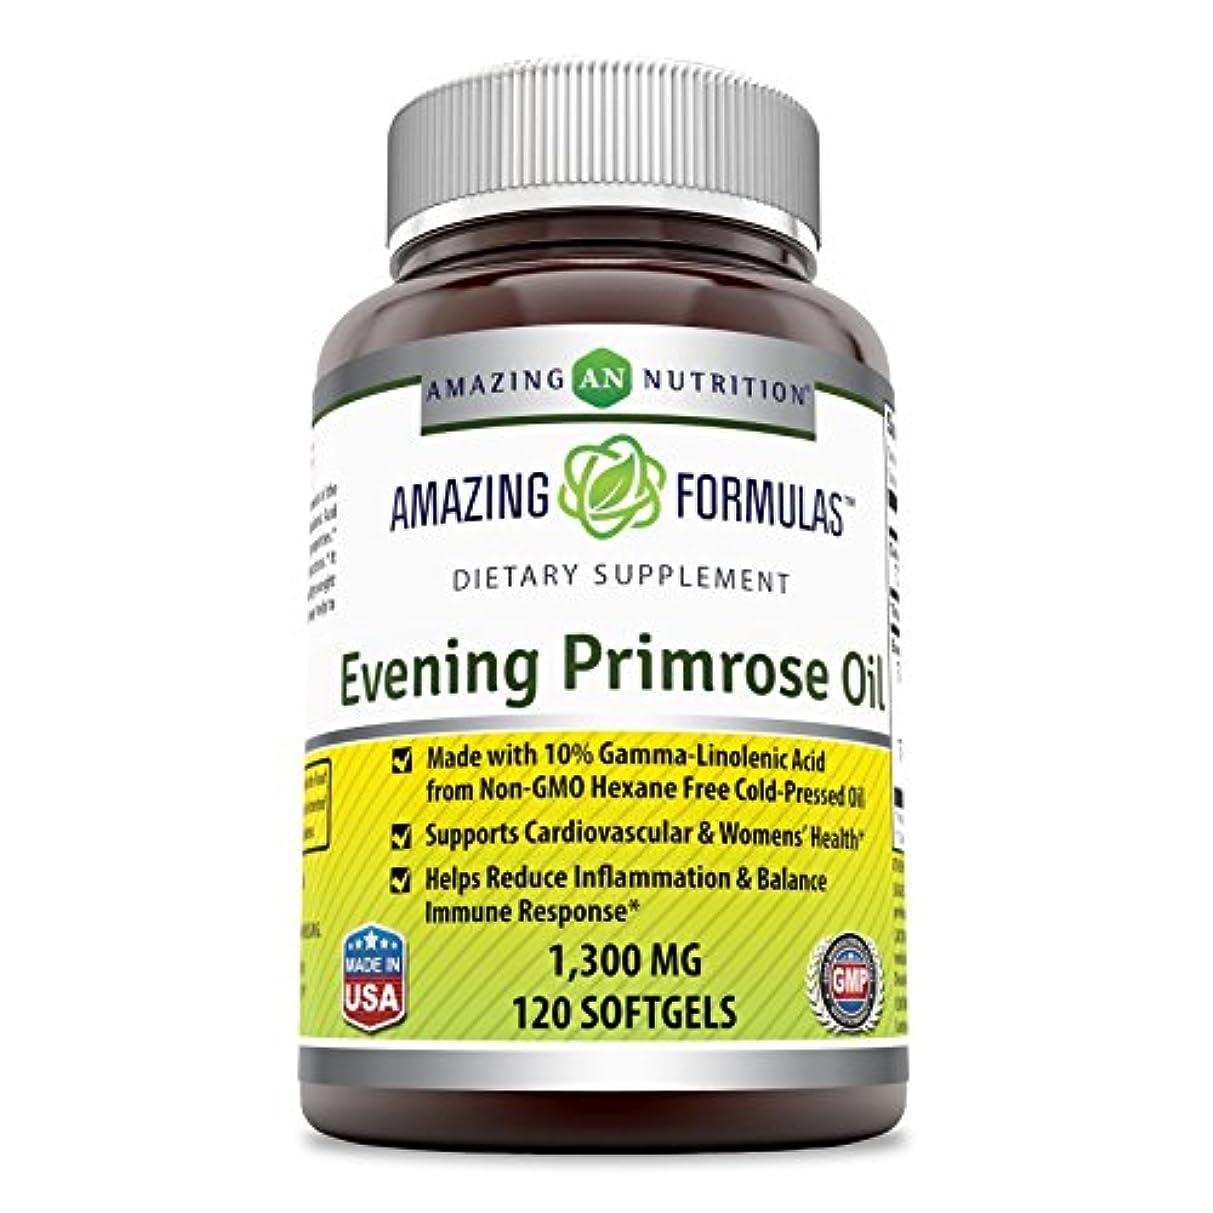 人間資金準備ができてAmazing Formulas Evening Primrose Oil 1300 Mg 120 Softgels - High Potency- Made with 10% Gamma Linoleic from Non-GMO...